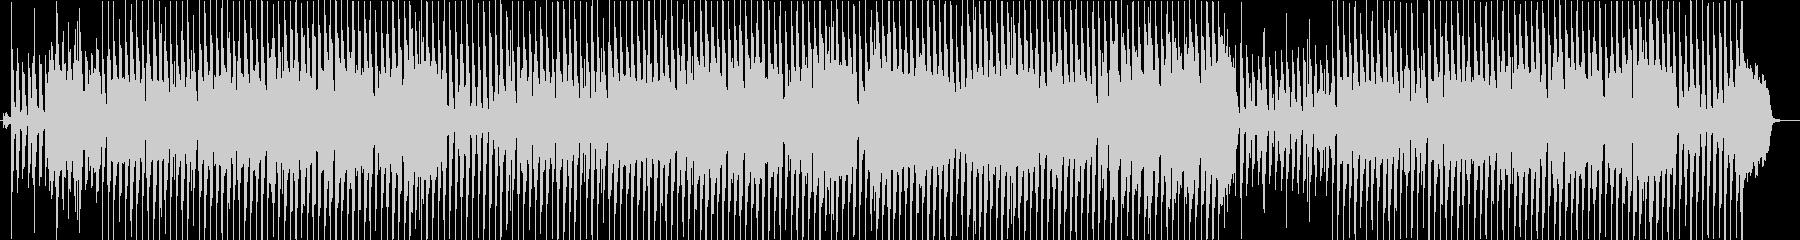 トランペットが奏でる軽快なBGMの未再生の波形